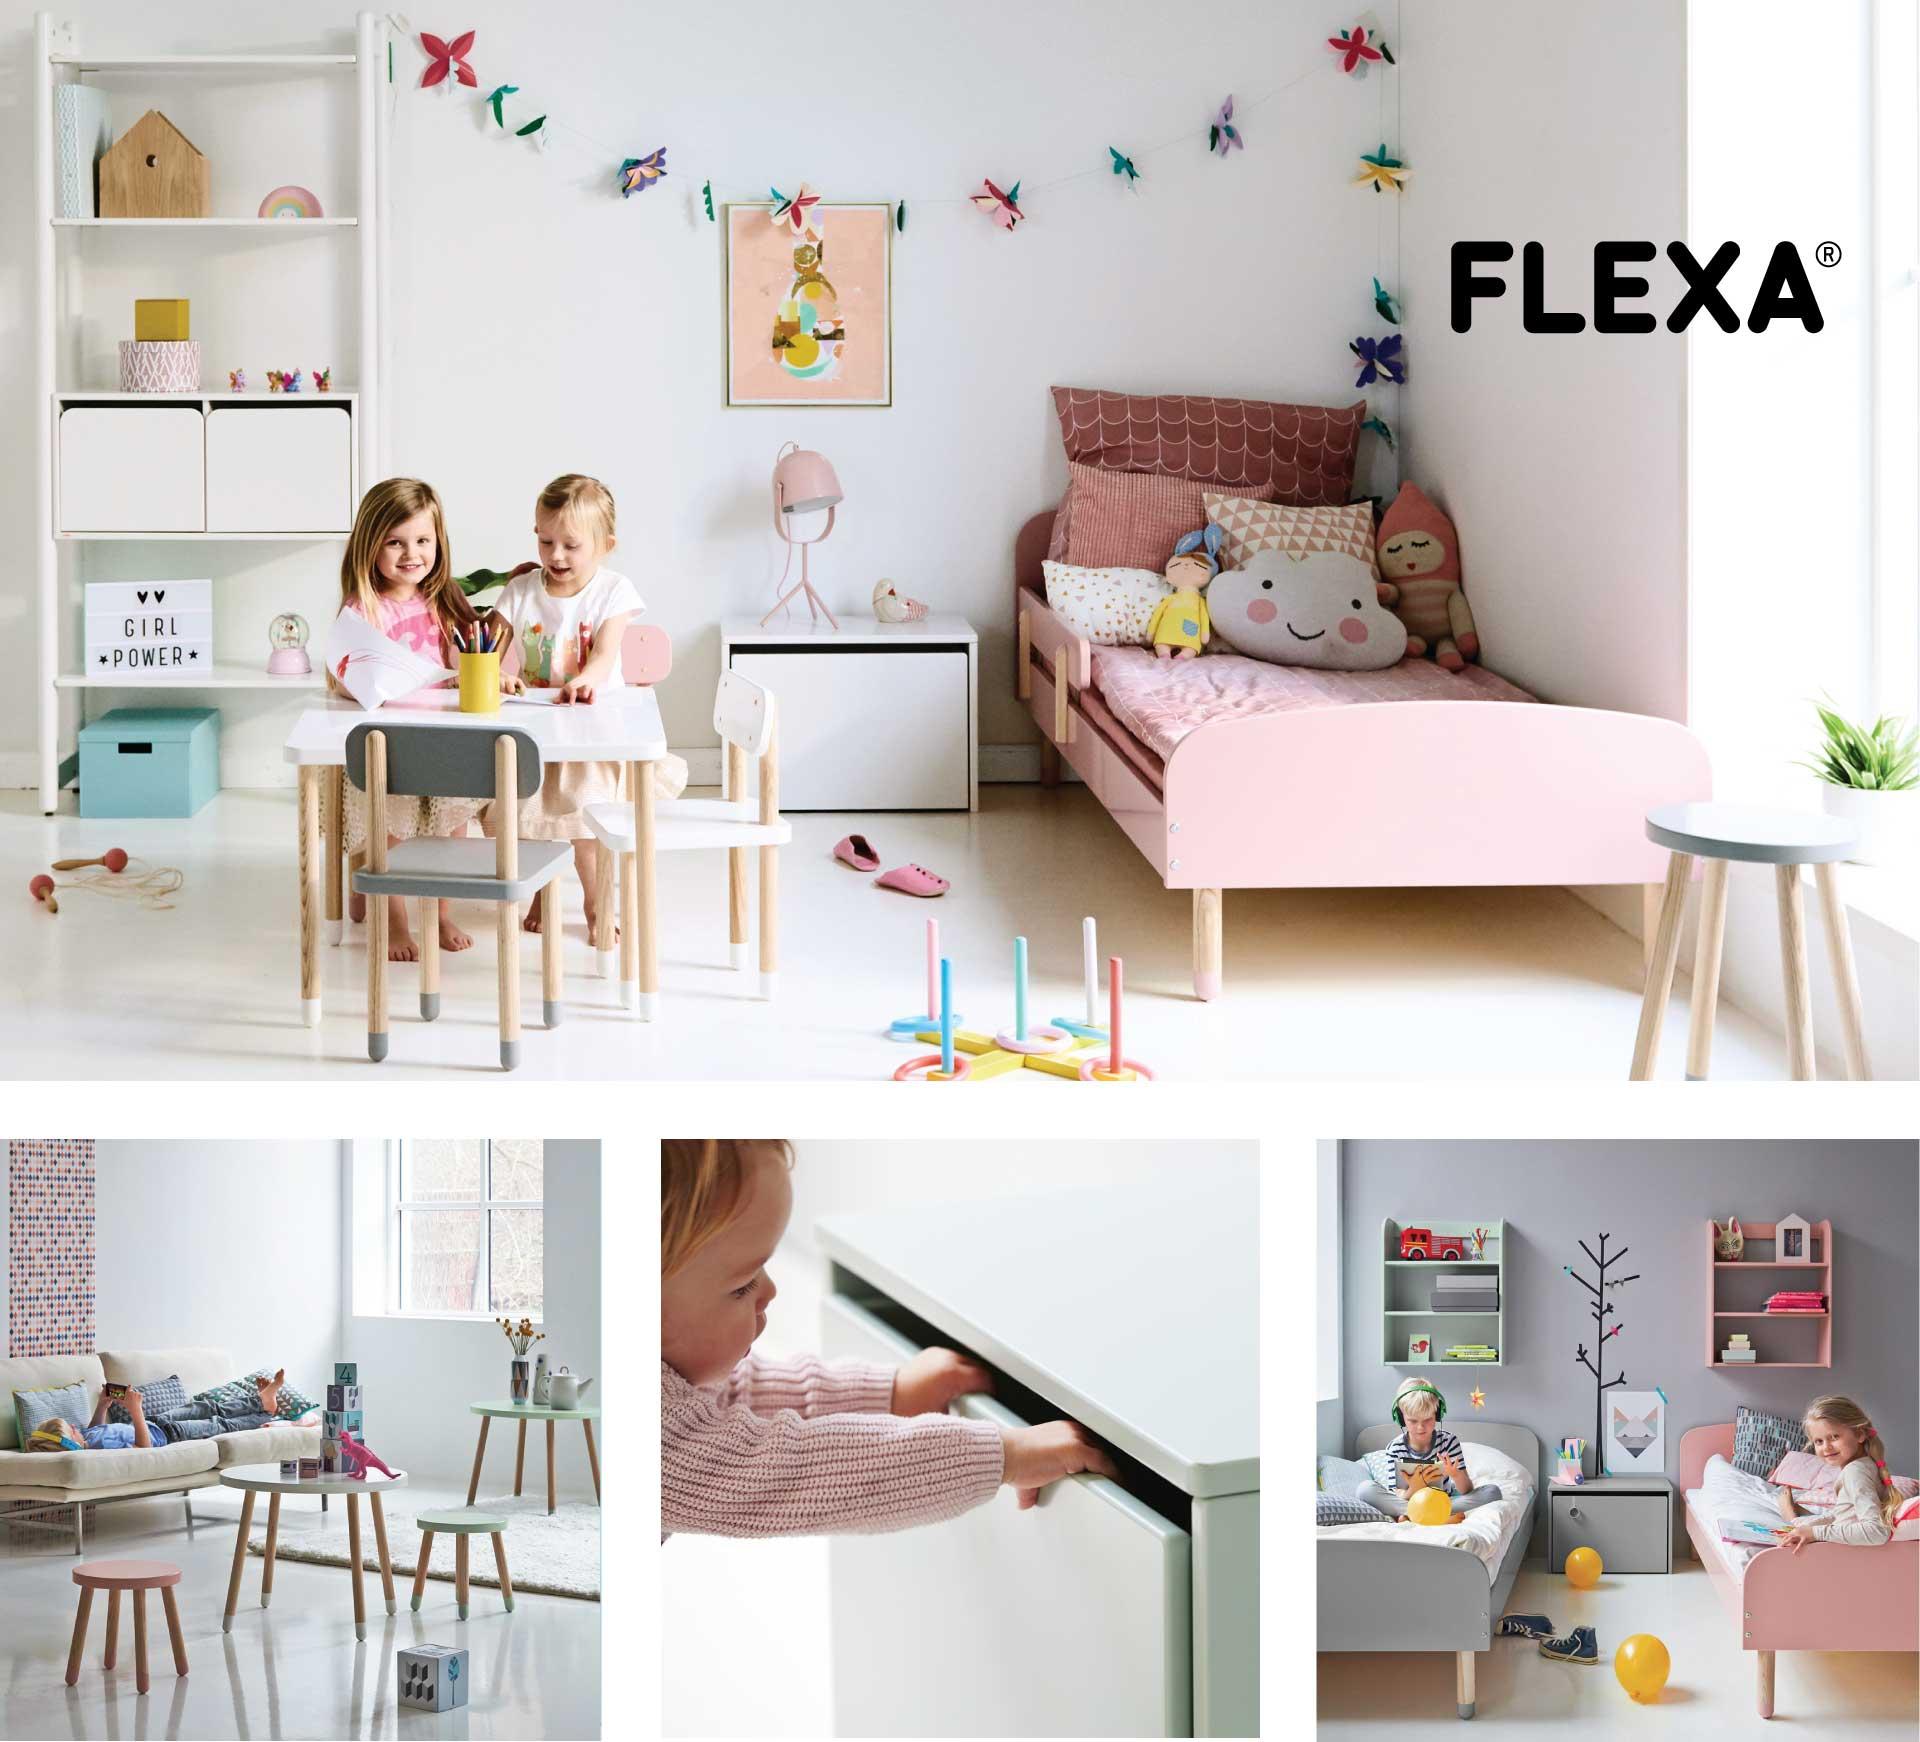 flexa kids furniture south africa. Black Bedroom Furniture Sets. Home Design Ideas